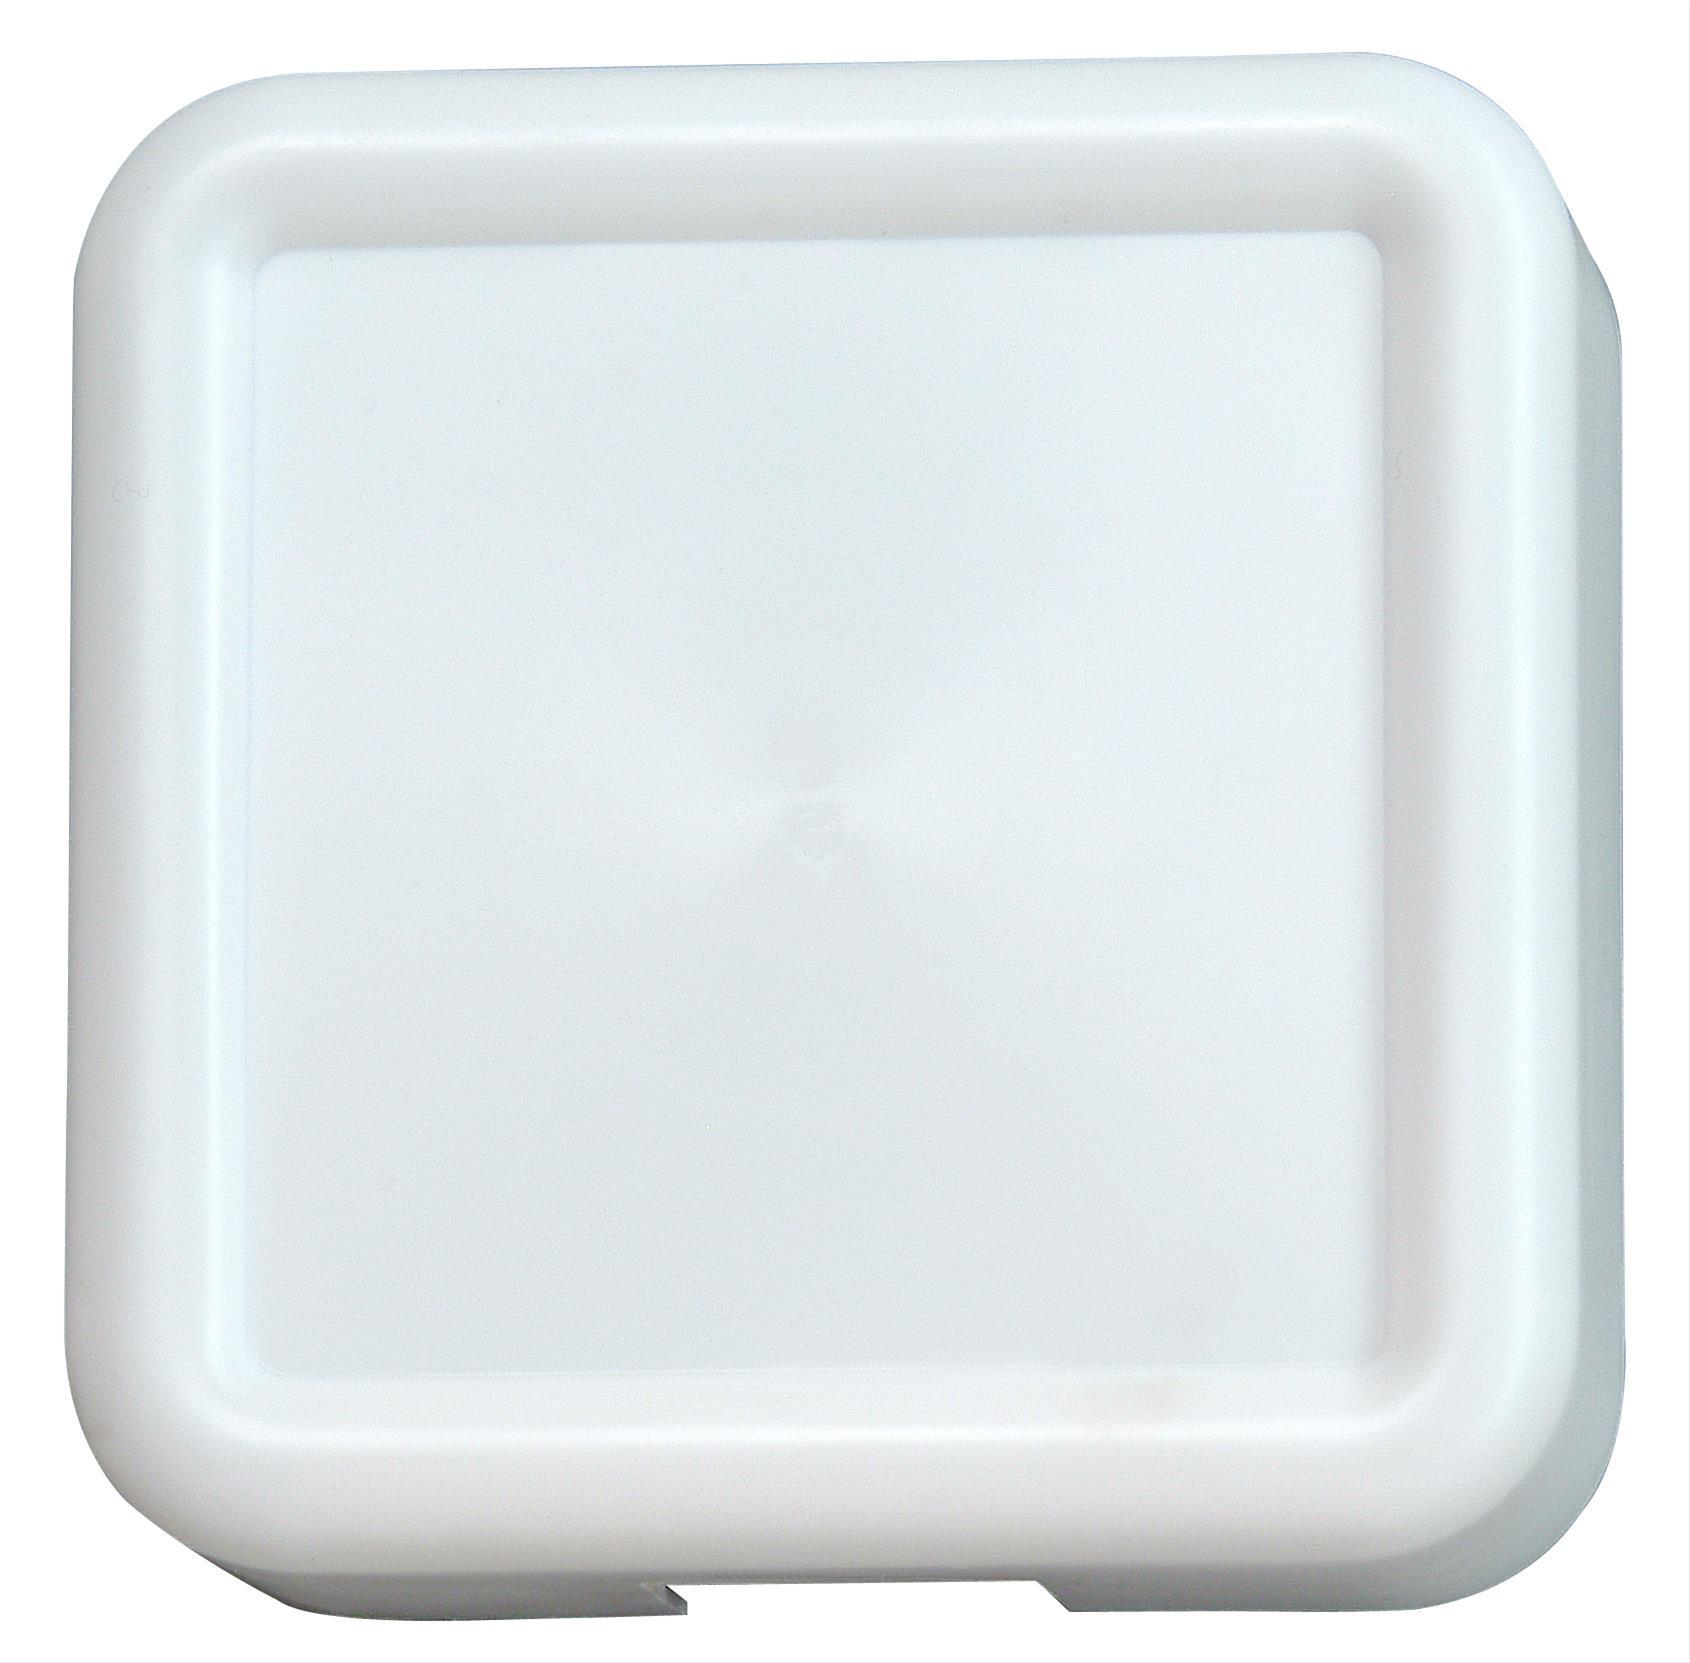 Kopp Doppelklang-Gong Quadrat weiss Bild 1